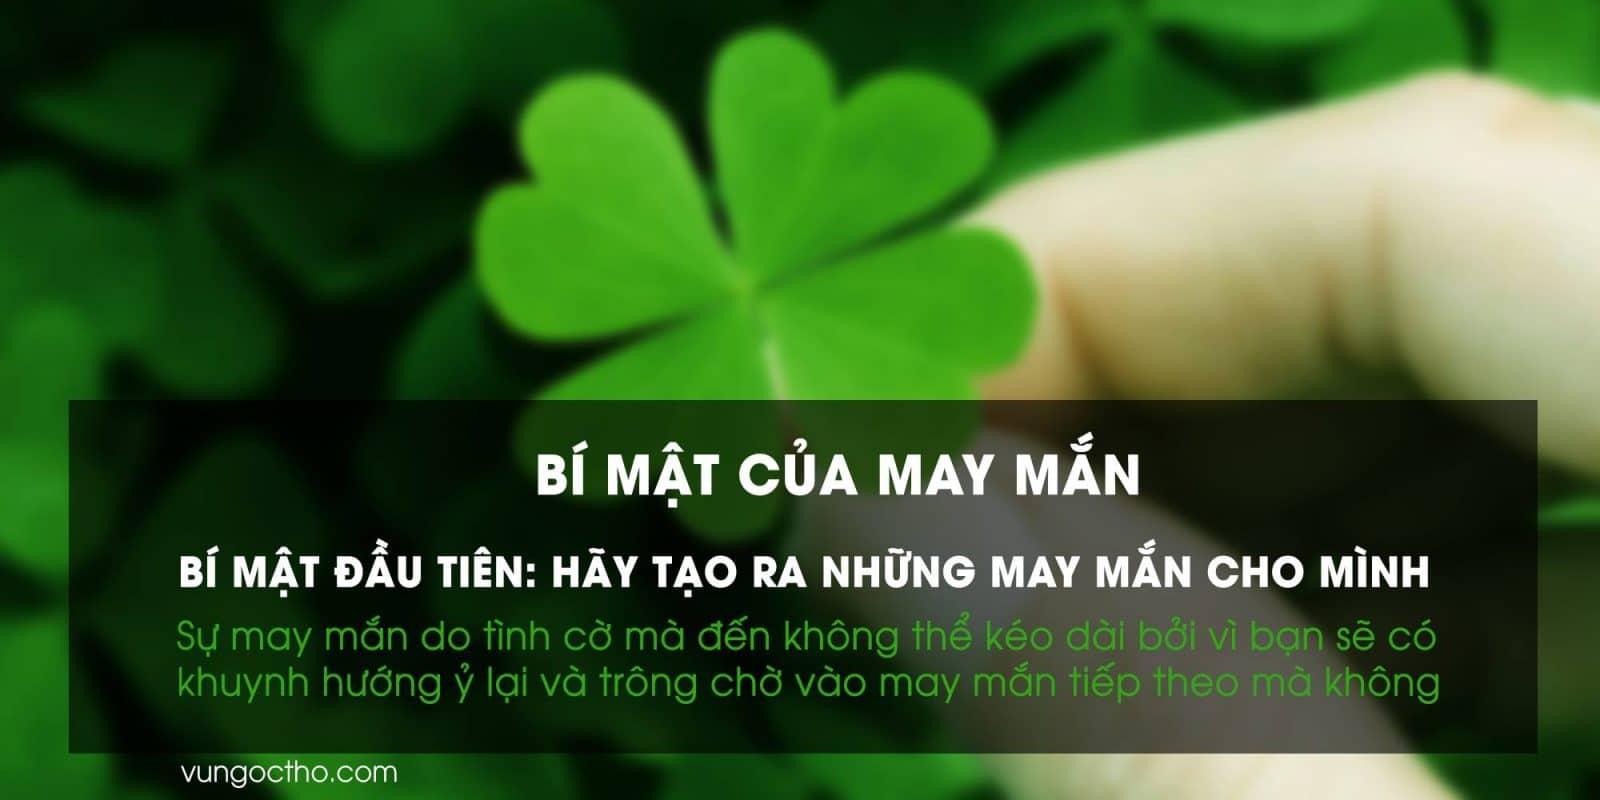 Hãy tạo ra những may mắn cho mình